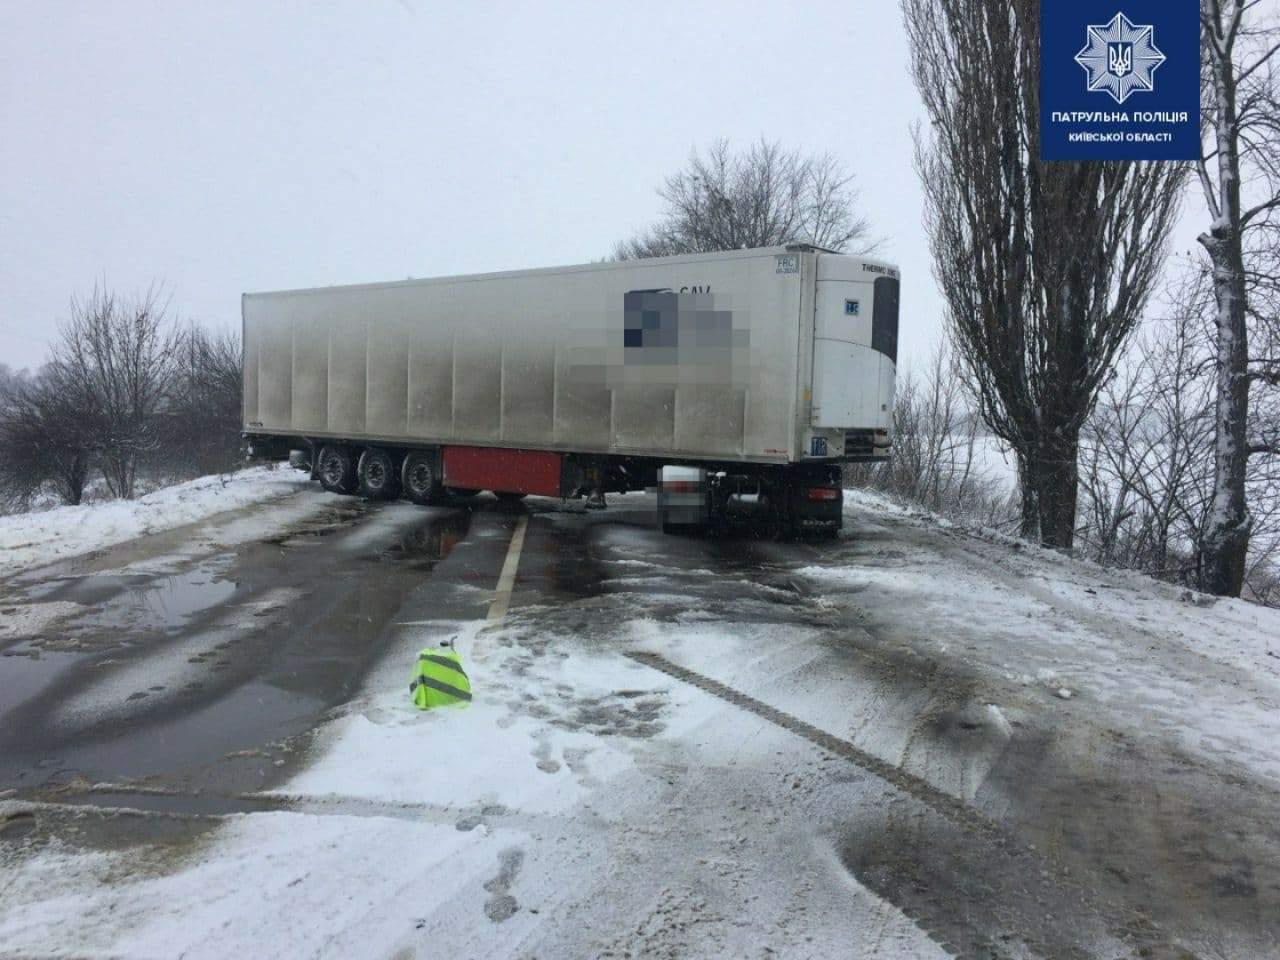 На Киевщине произошло ДТП: движение на автодороге Н-08 заблокировано (ФОТО)